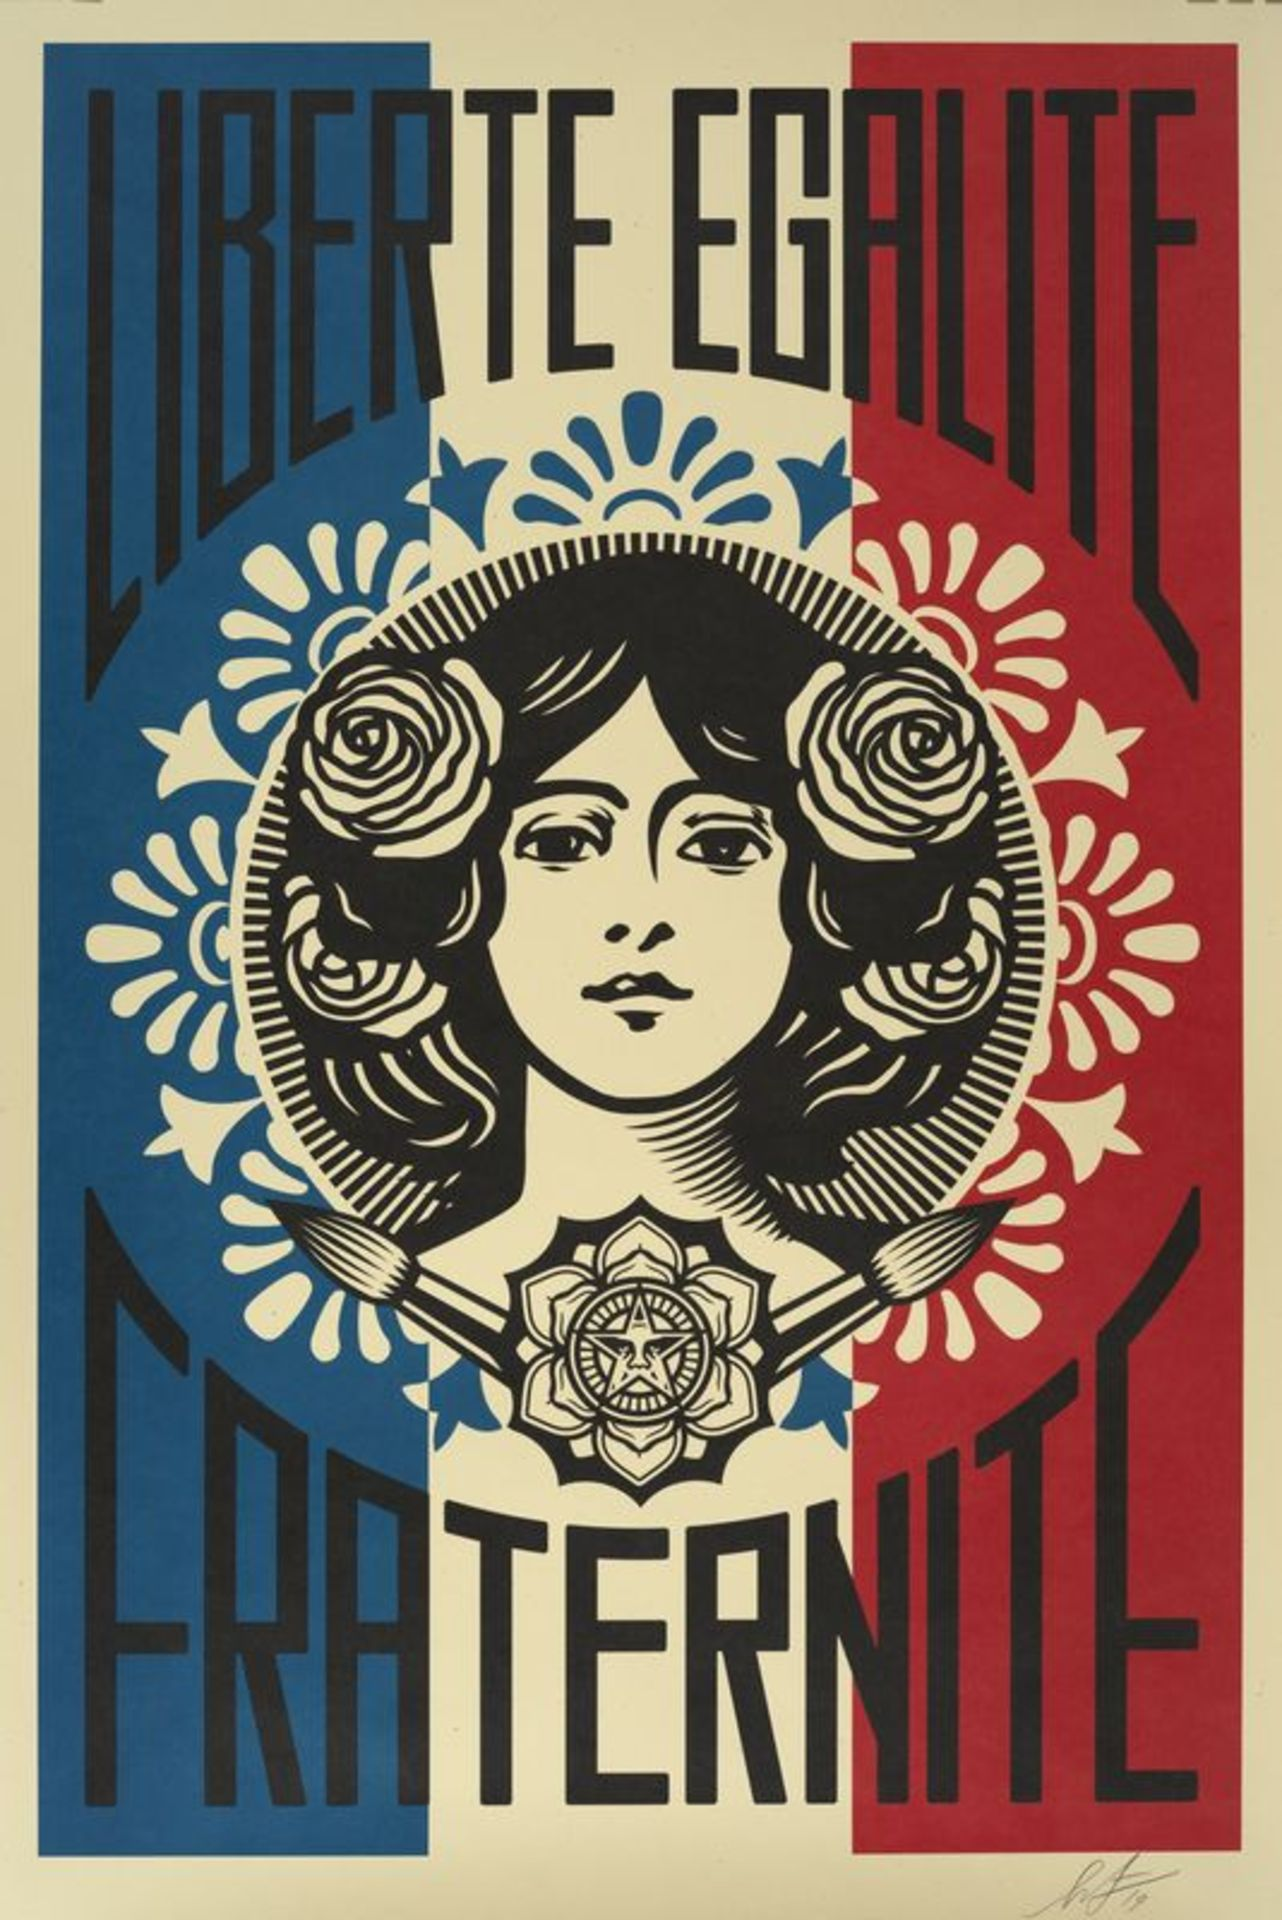 OBEY (1970) Liberté Egalité Fraternité - Affiche sérigraphique signée au [...]